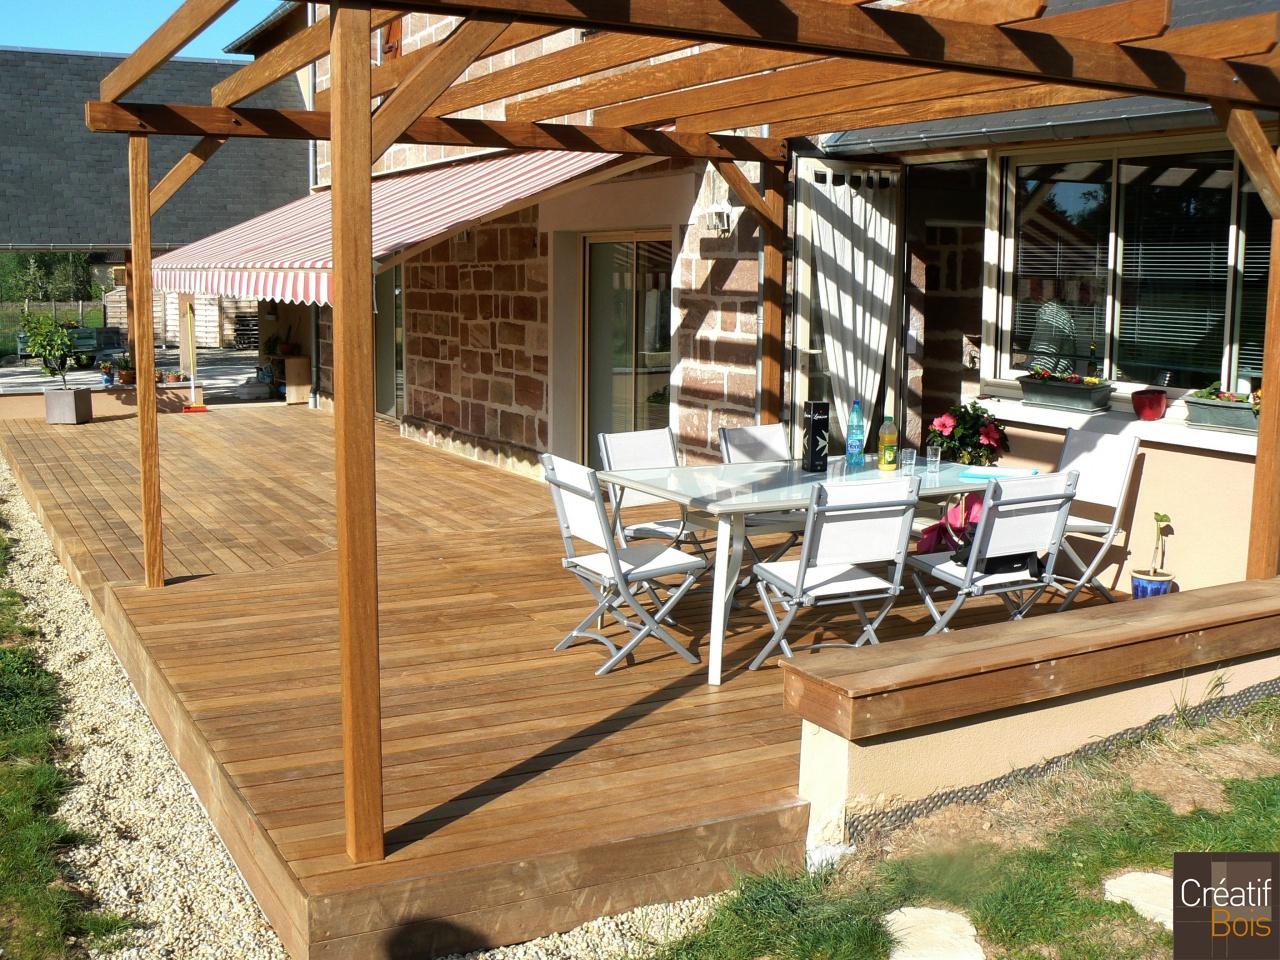 terrasse et pergola good brustor pergola alu pergola pour terrasse et jardin with terrasse et. Black Bedroom Furniture Sets. Home Design Ideas